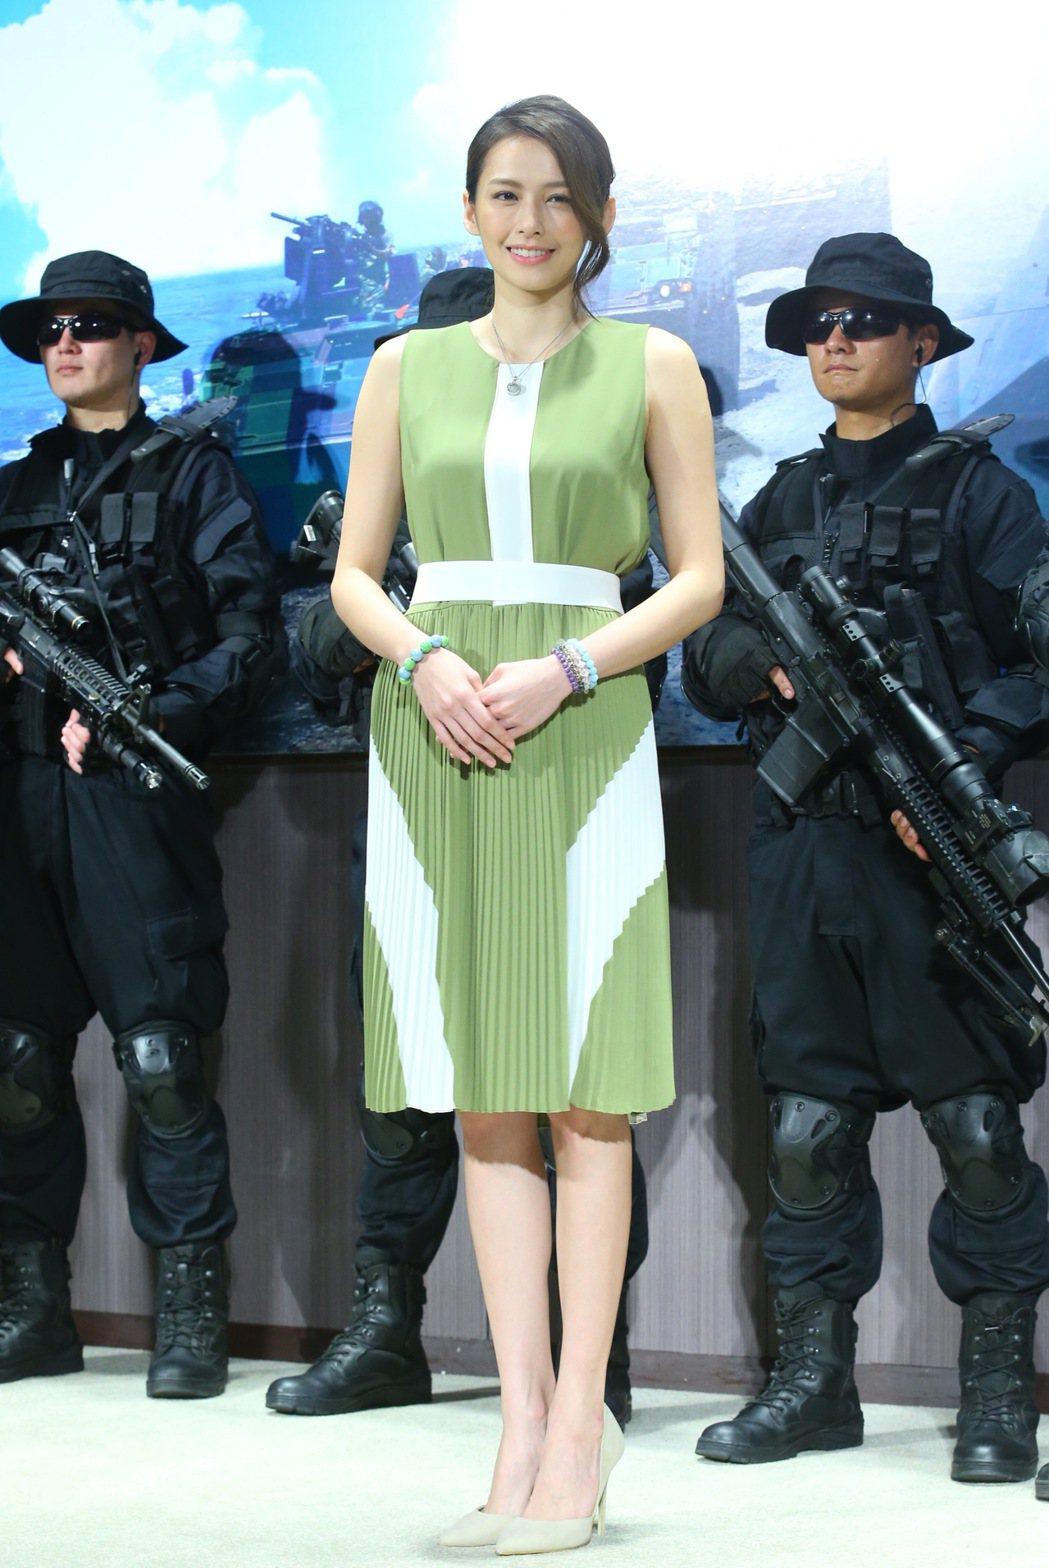 國防部電視劇「最好的選擇」,主要演員袁艾菲(中)在媒體鏡頭前現身。 圖/聯合報系